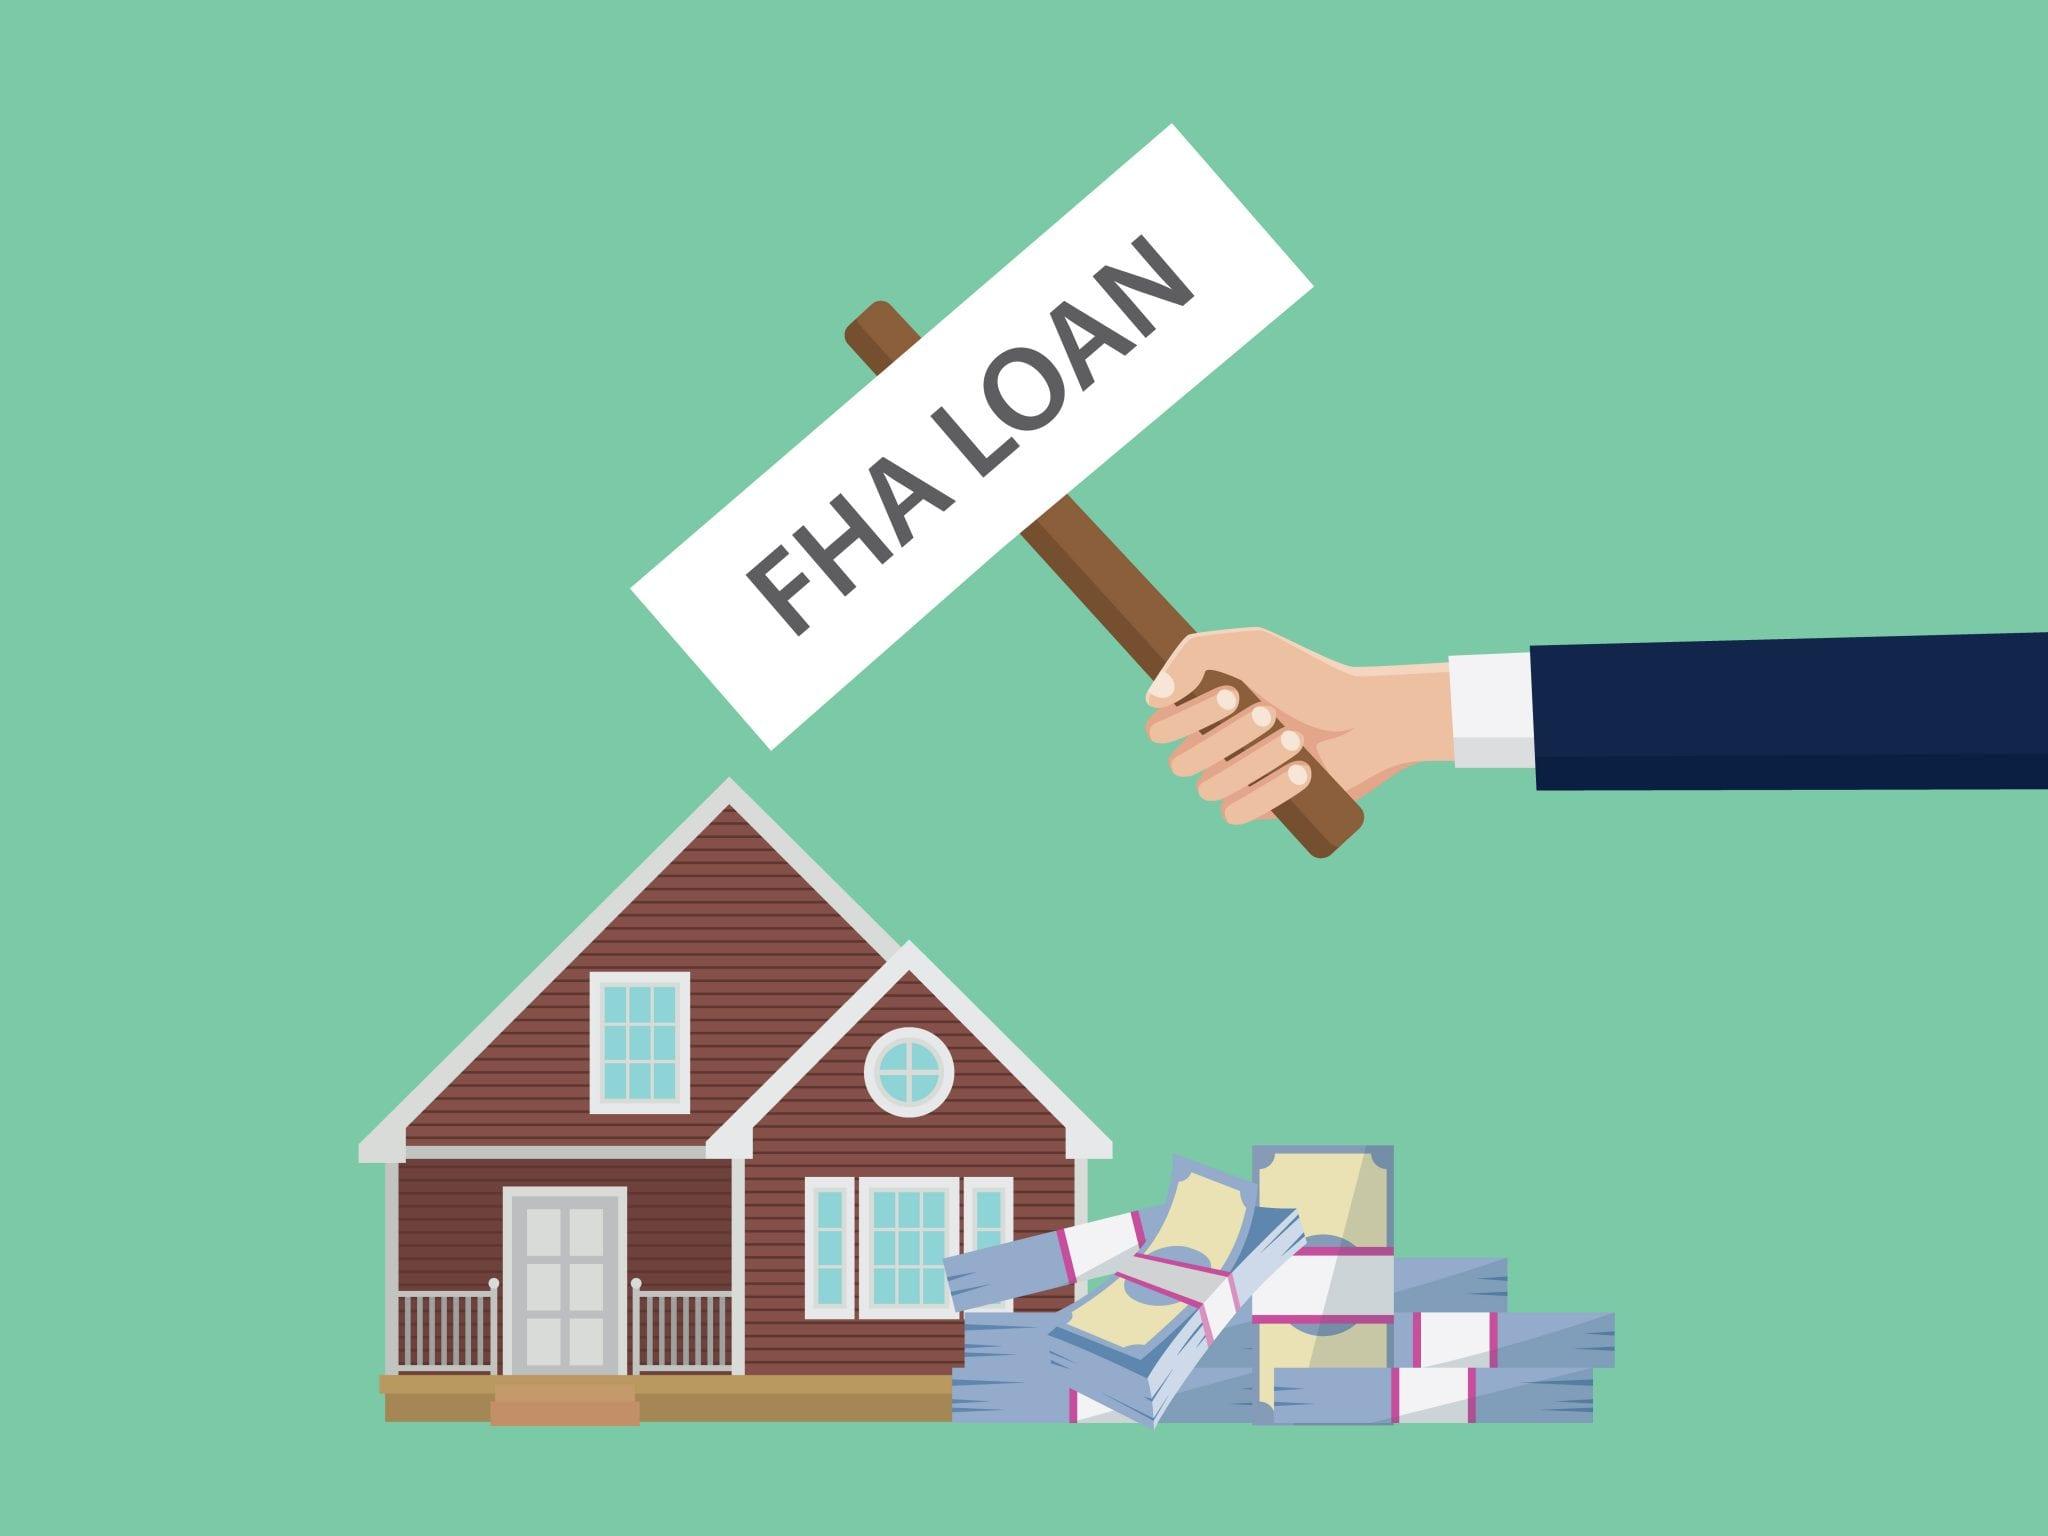 FHA appraisal